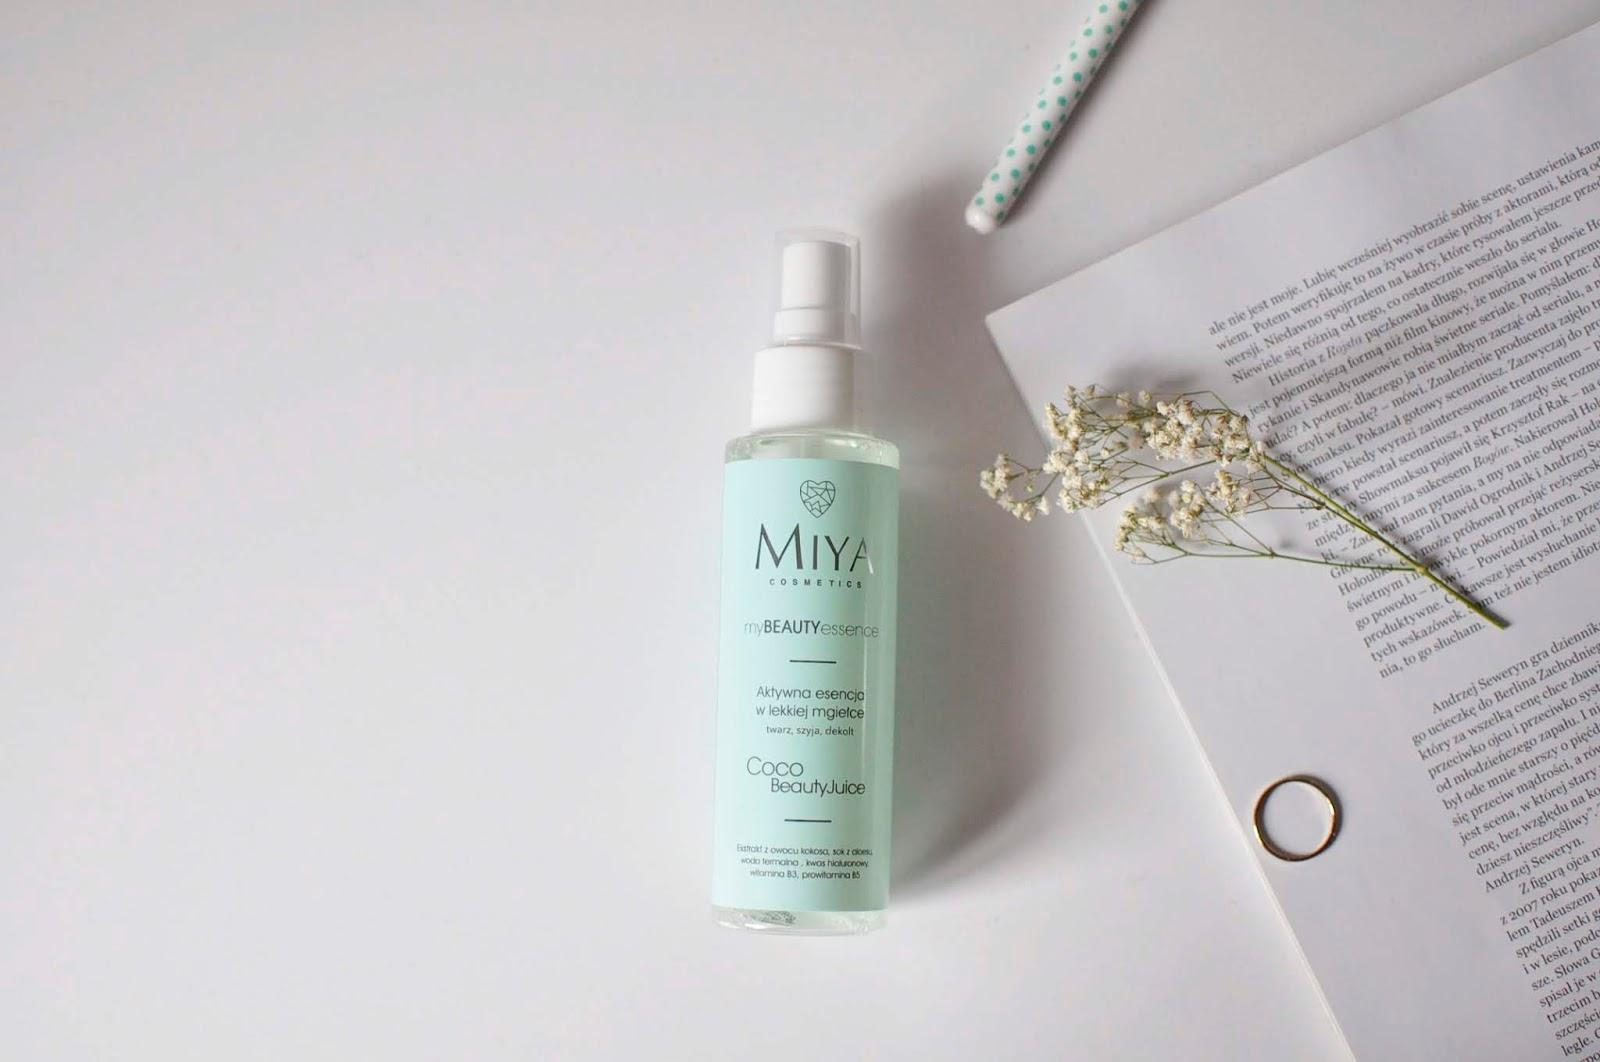 Twój pielęgnacyjny must have, czyli myBEAUTYessence | MIYA Cosmetics